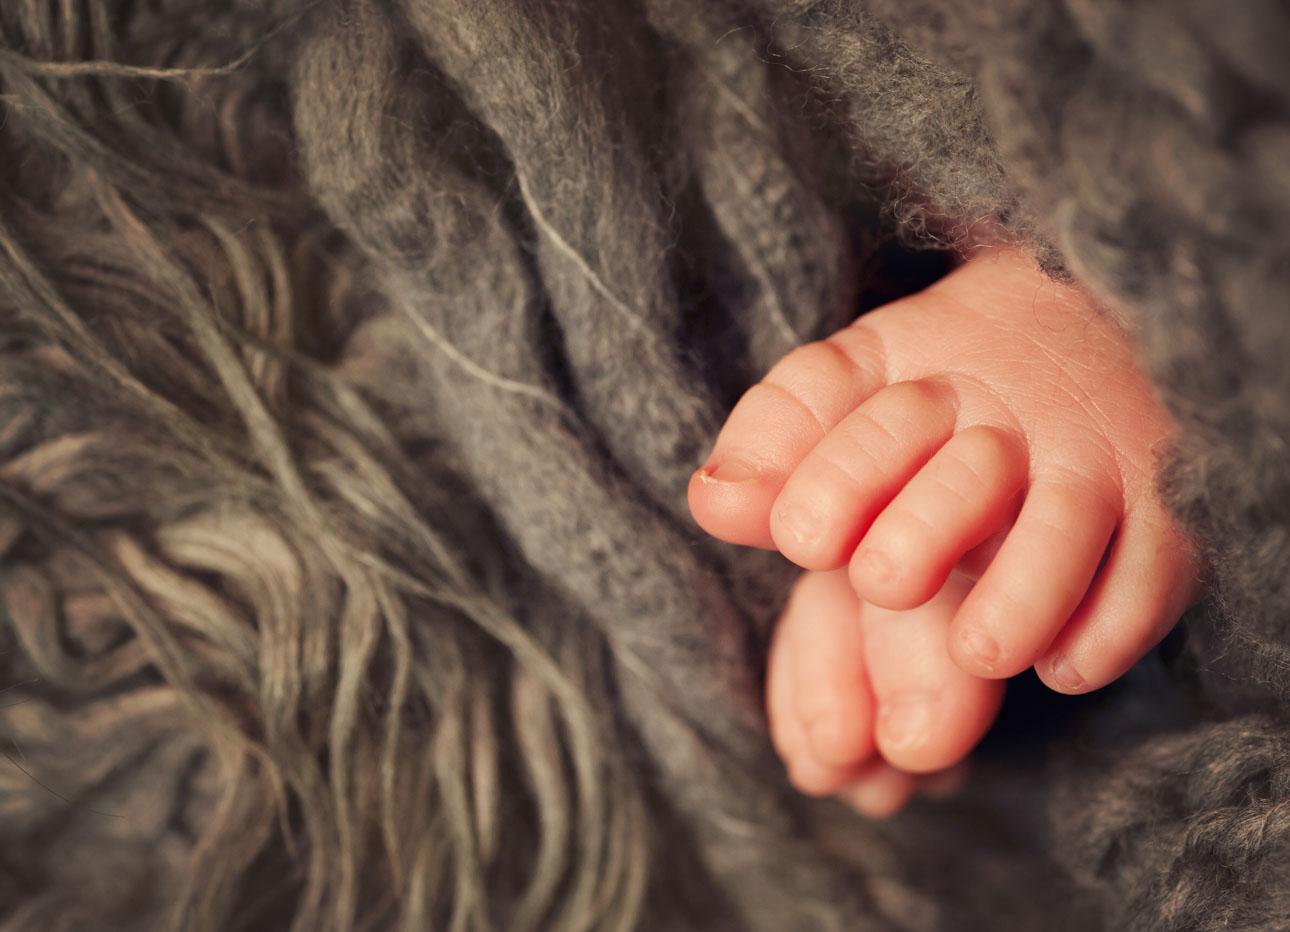 , fotografias de bebes, fotografia niños, fotos bebés, fotos recien nacido, foto recien nacido, foto bebe recien nacido, fotografia bebe, fotografias bebes, fotografos de bebes, fotografo bebes, fotos para bebes, atrezzo para estudio fotografico, fotografia recien nacidos, fotos de bebe recien nacidos, fotos de recien nacidos originales, fotografos de niños